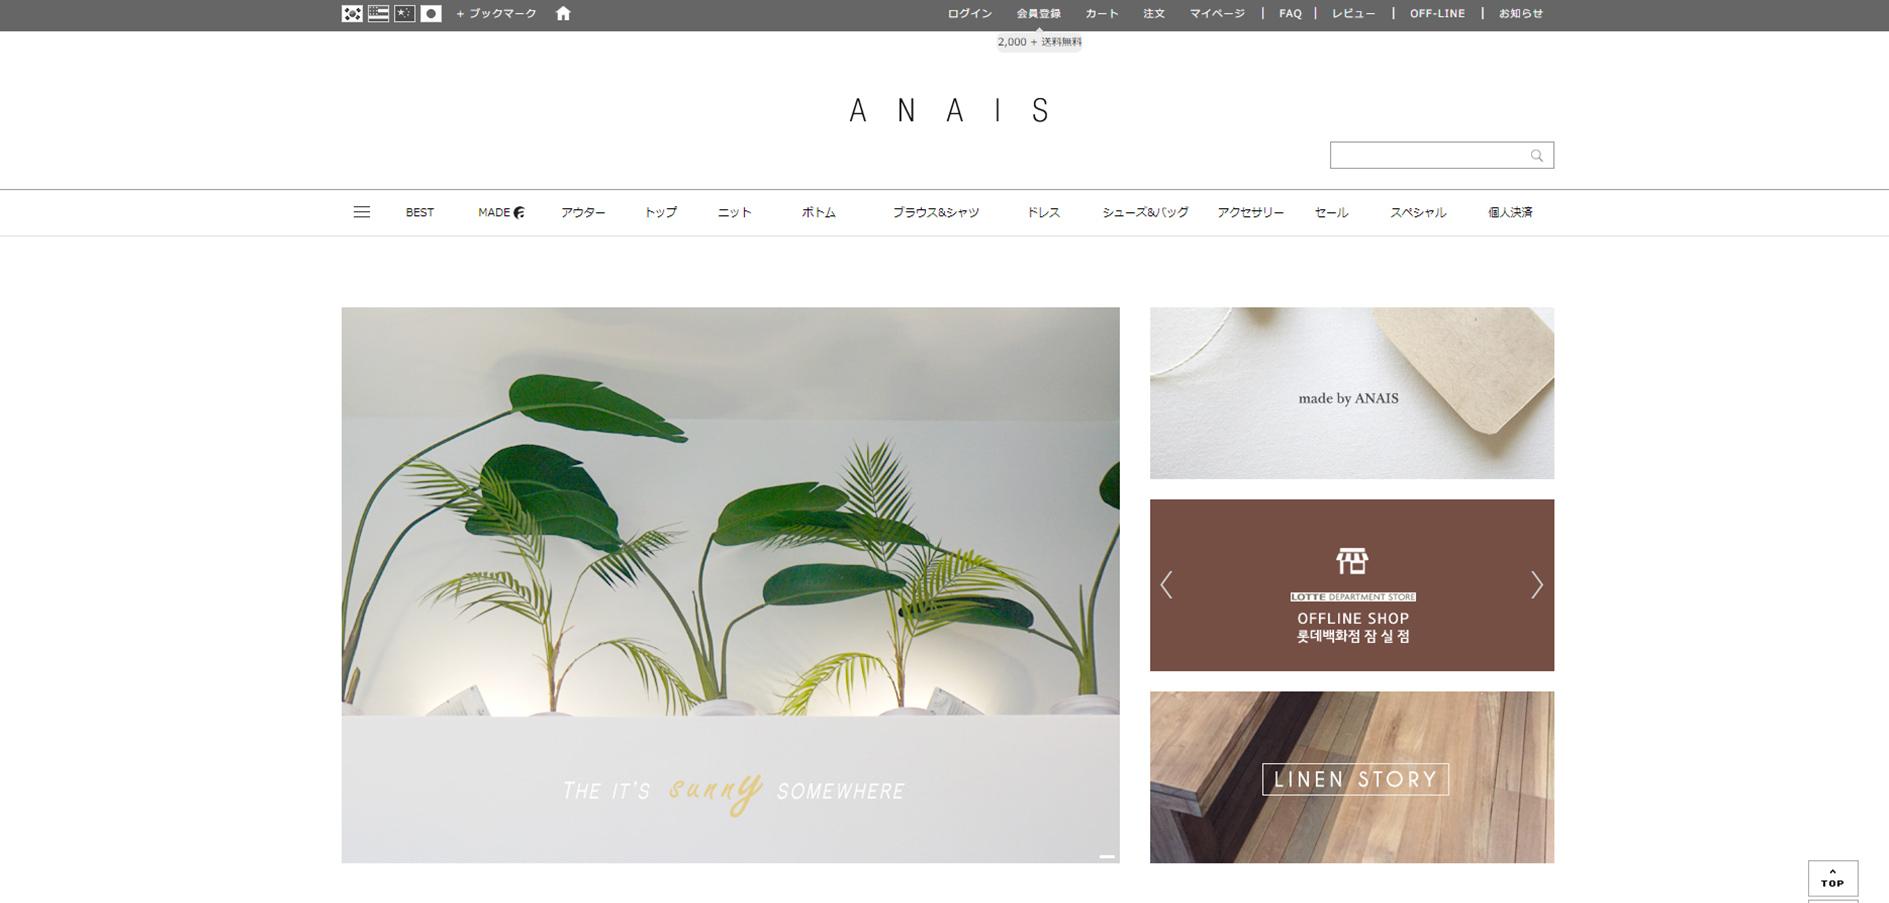 30代におすすめな韓国ファッション通販サイトのANAIS(アナイス)!